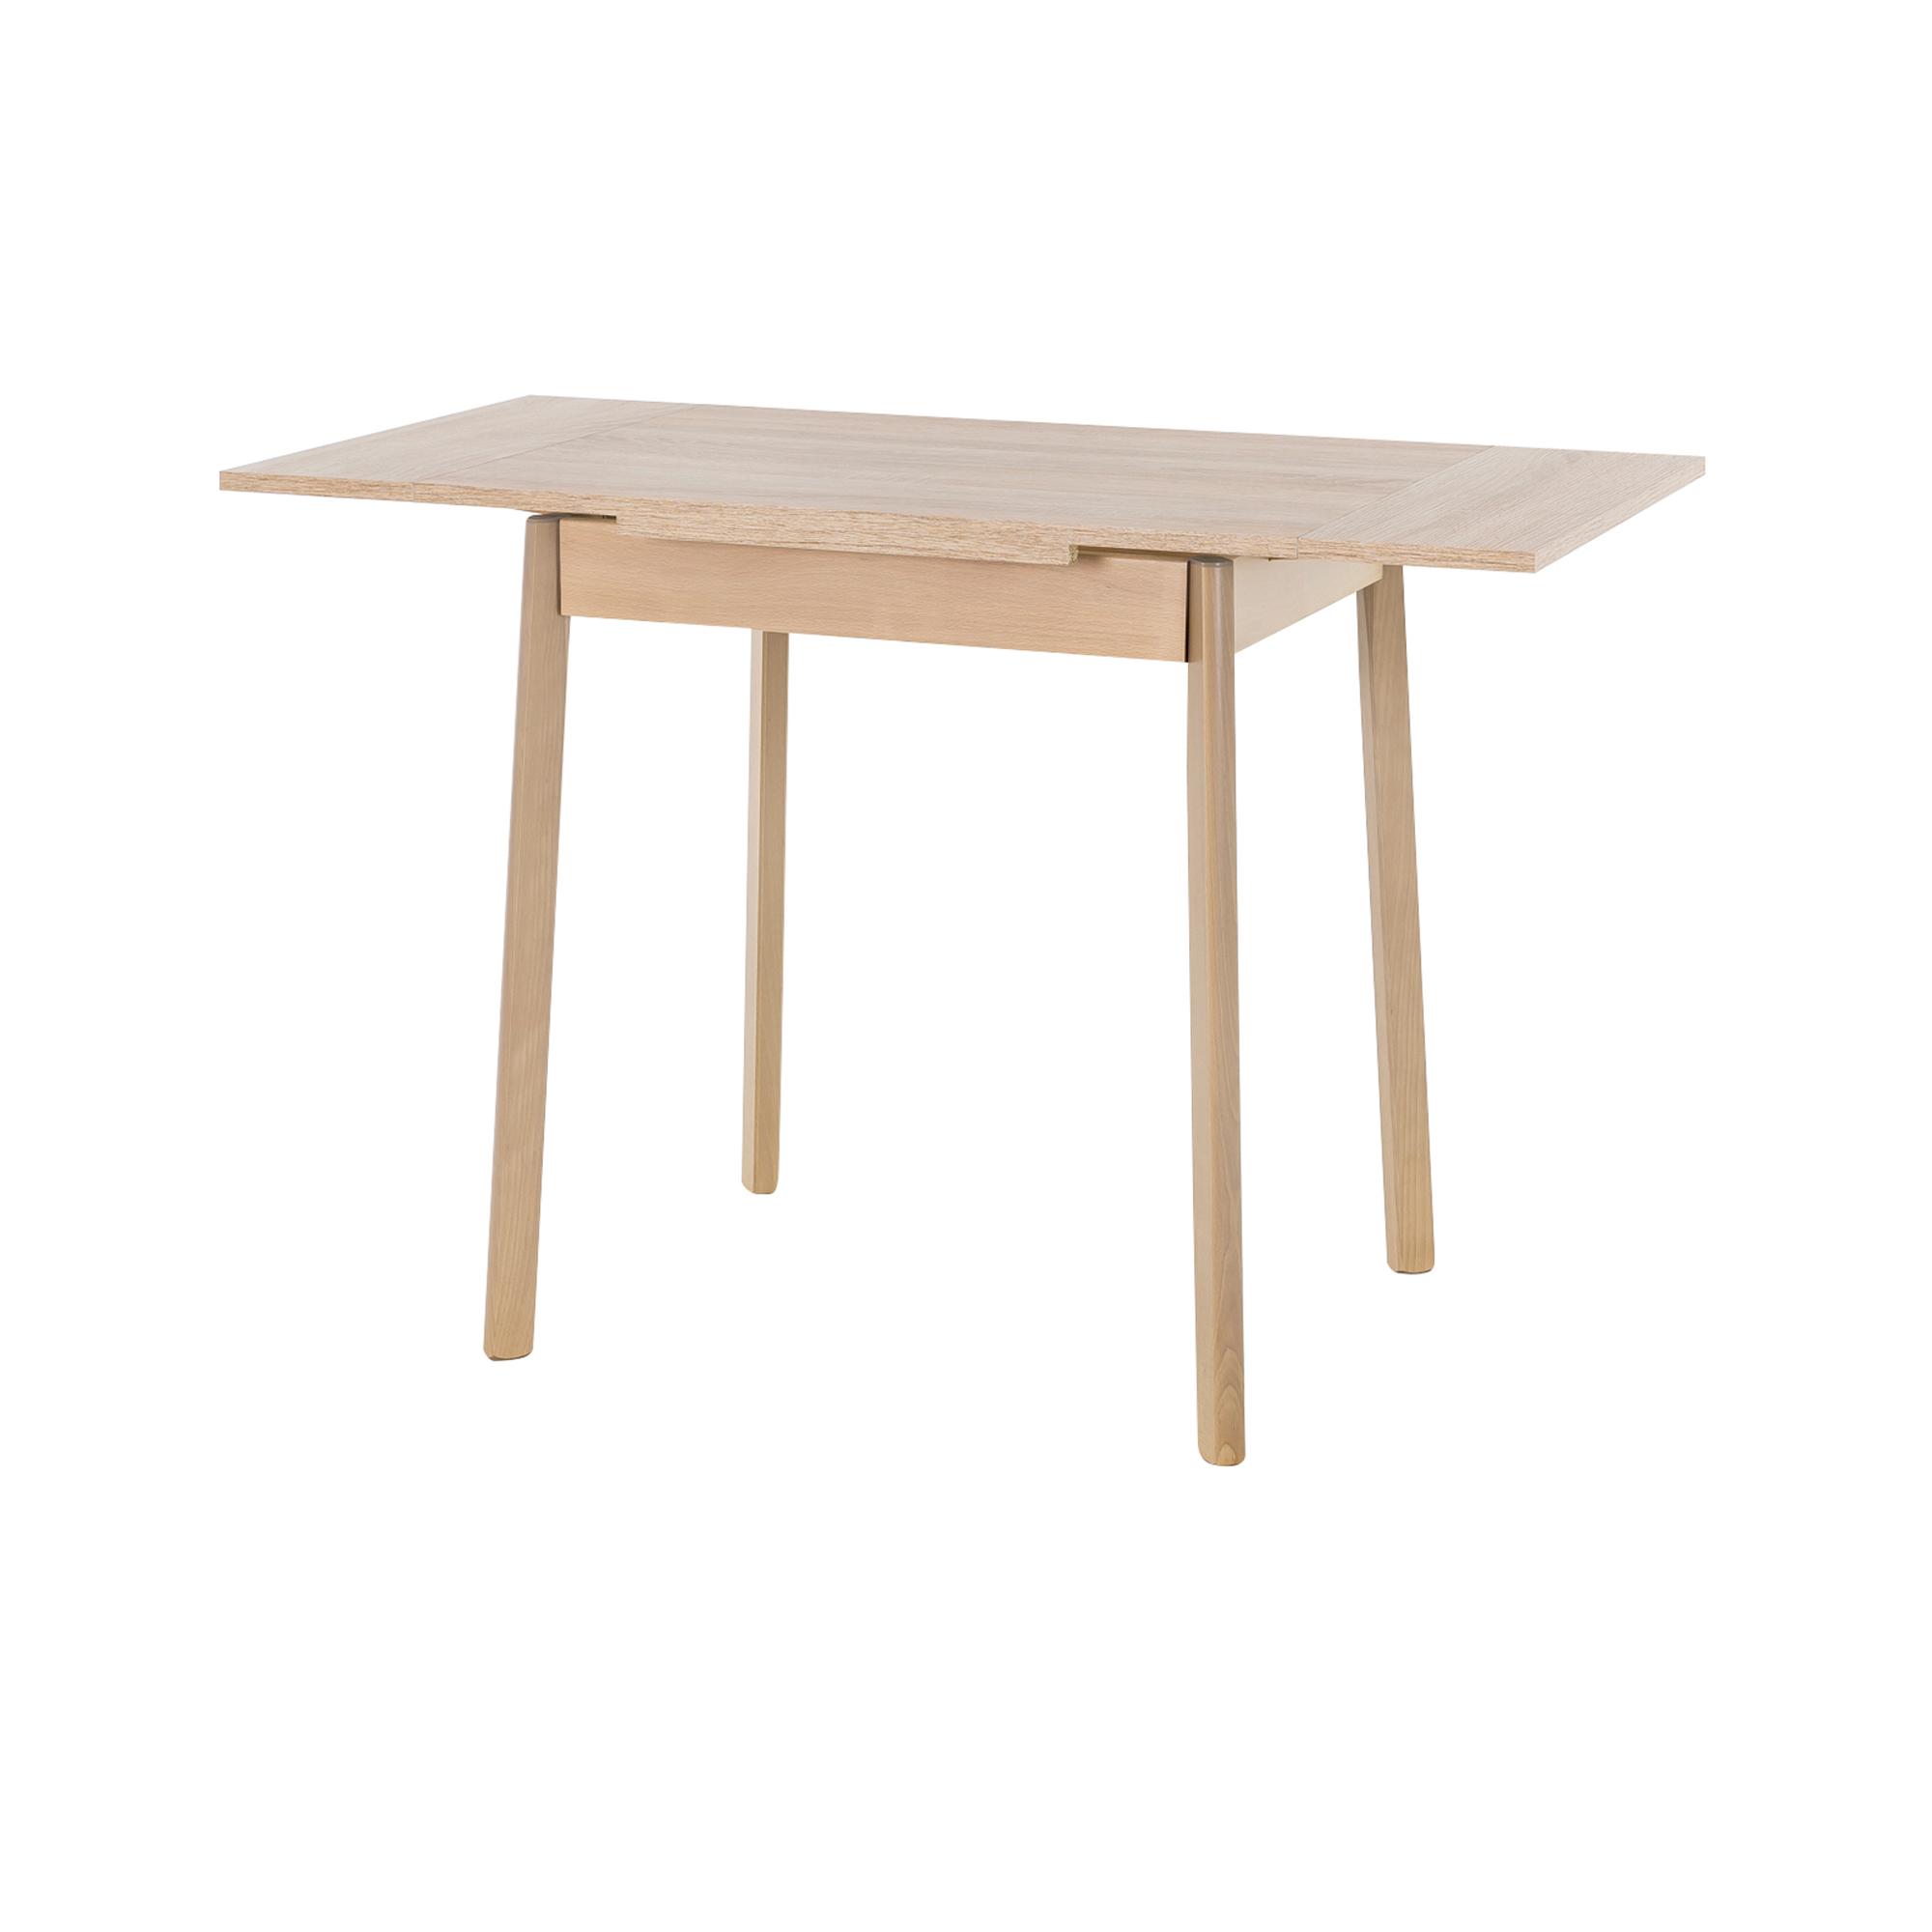 esstisch trier ii tischplatte ausziehbar 75 x 55 cm eiche sonoma wohnen esstische. Black Bedroom Furniture Sets. Home Design Ideas